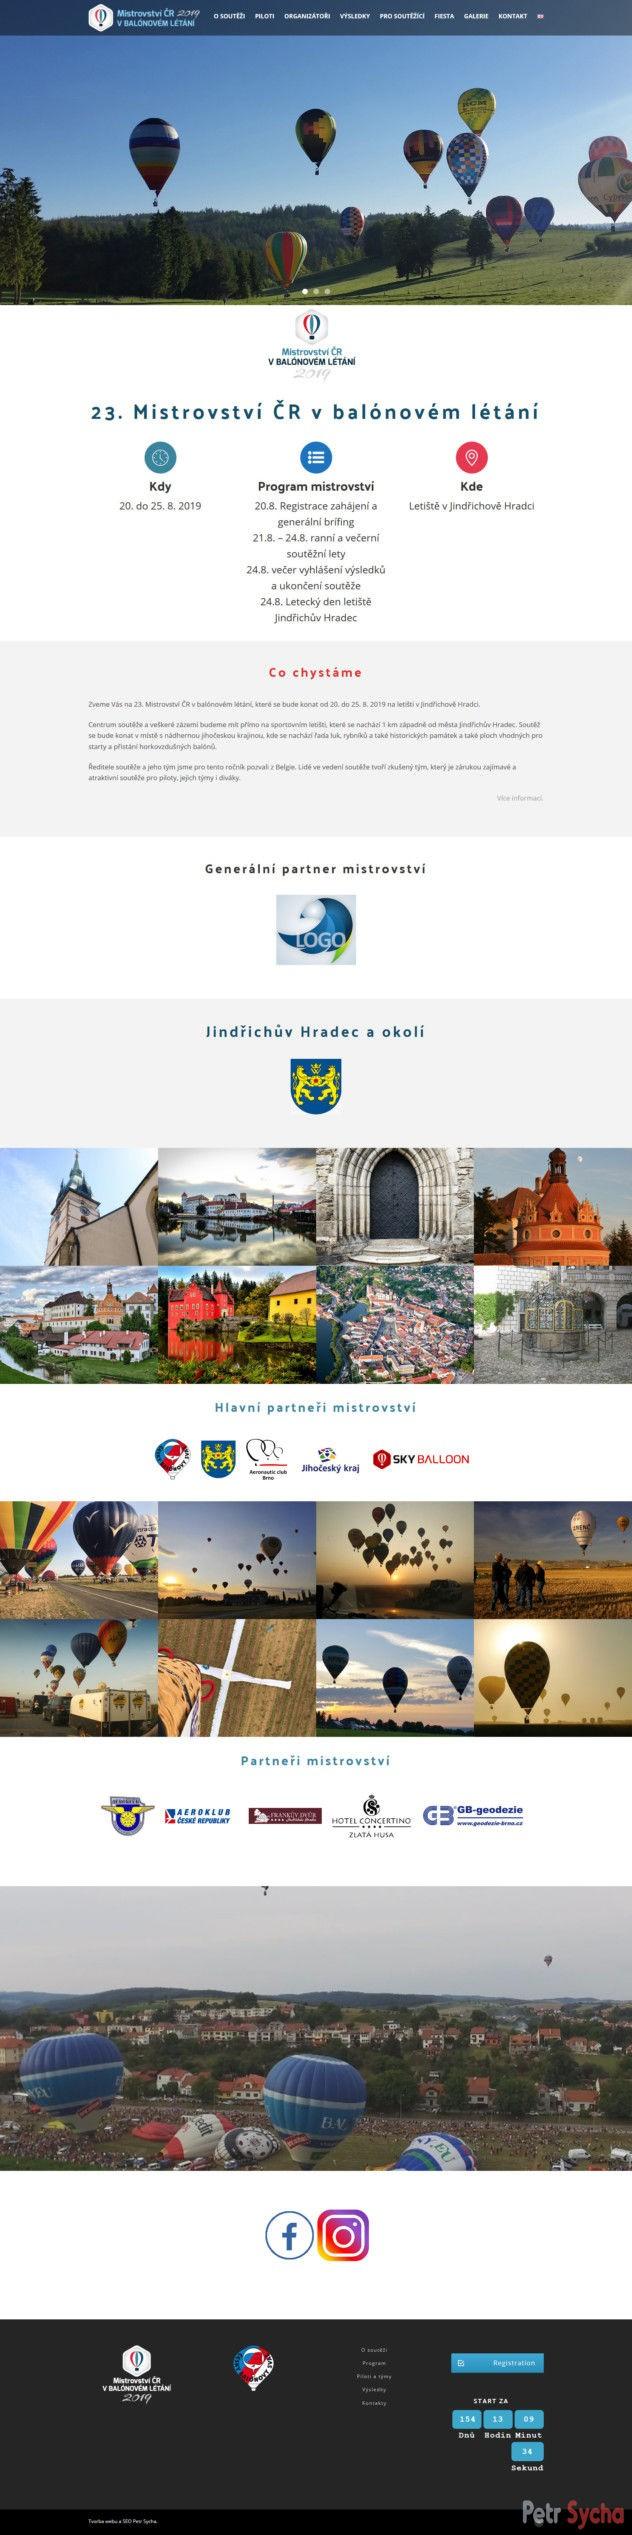 Mistrovství ČR v balónovém létání Balloon 2019